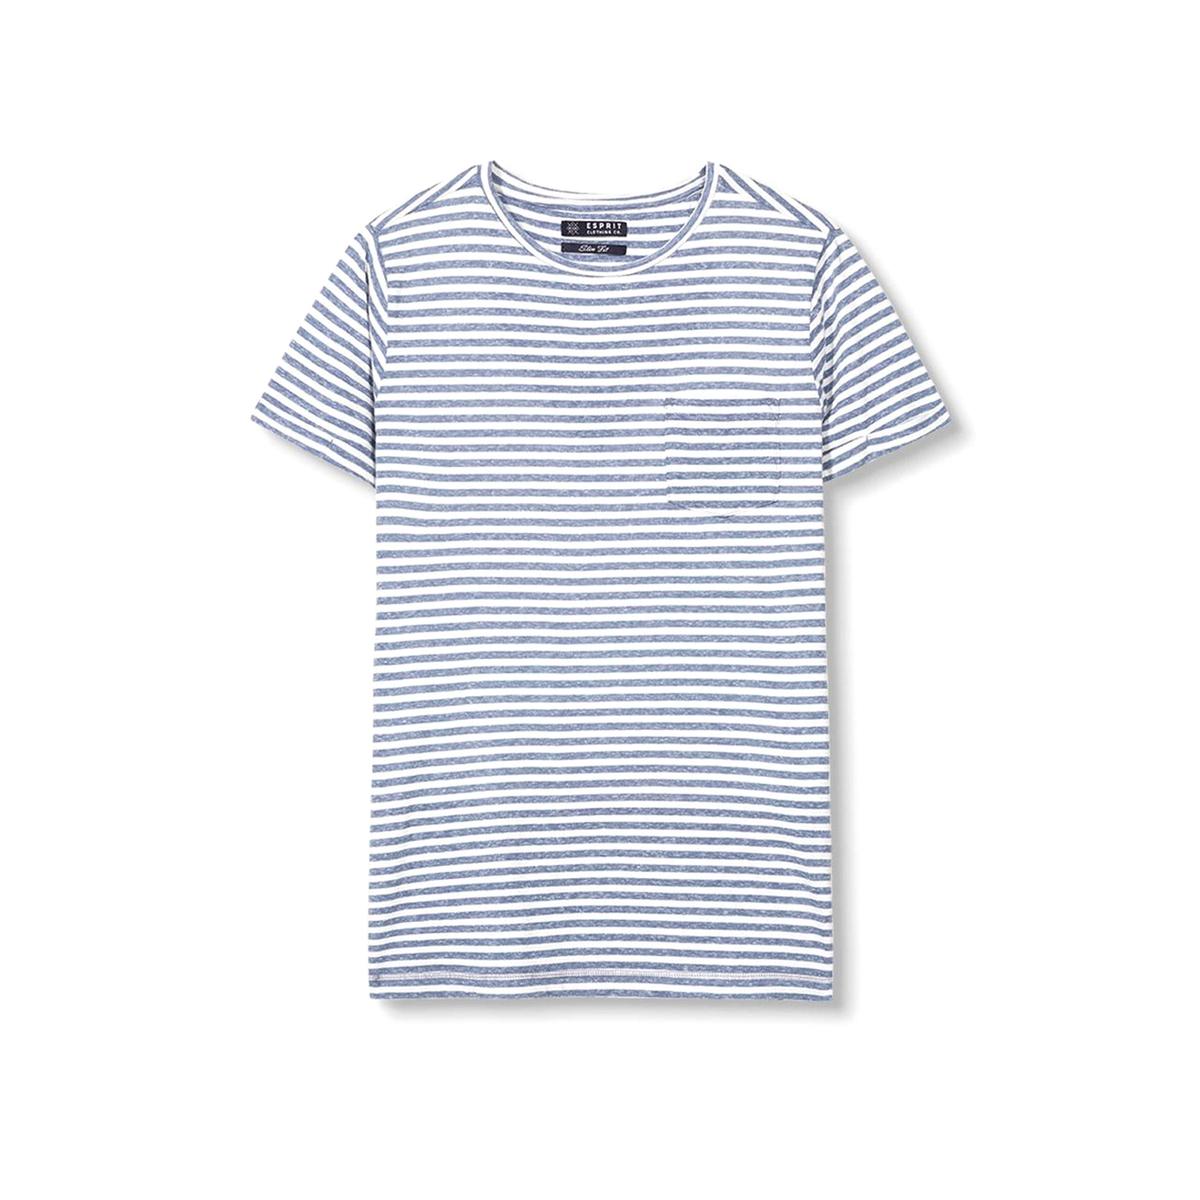 Футболка в полоску с круглым вырезом футболка мужская esprit 025ee2k027c 15 259